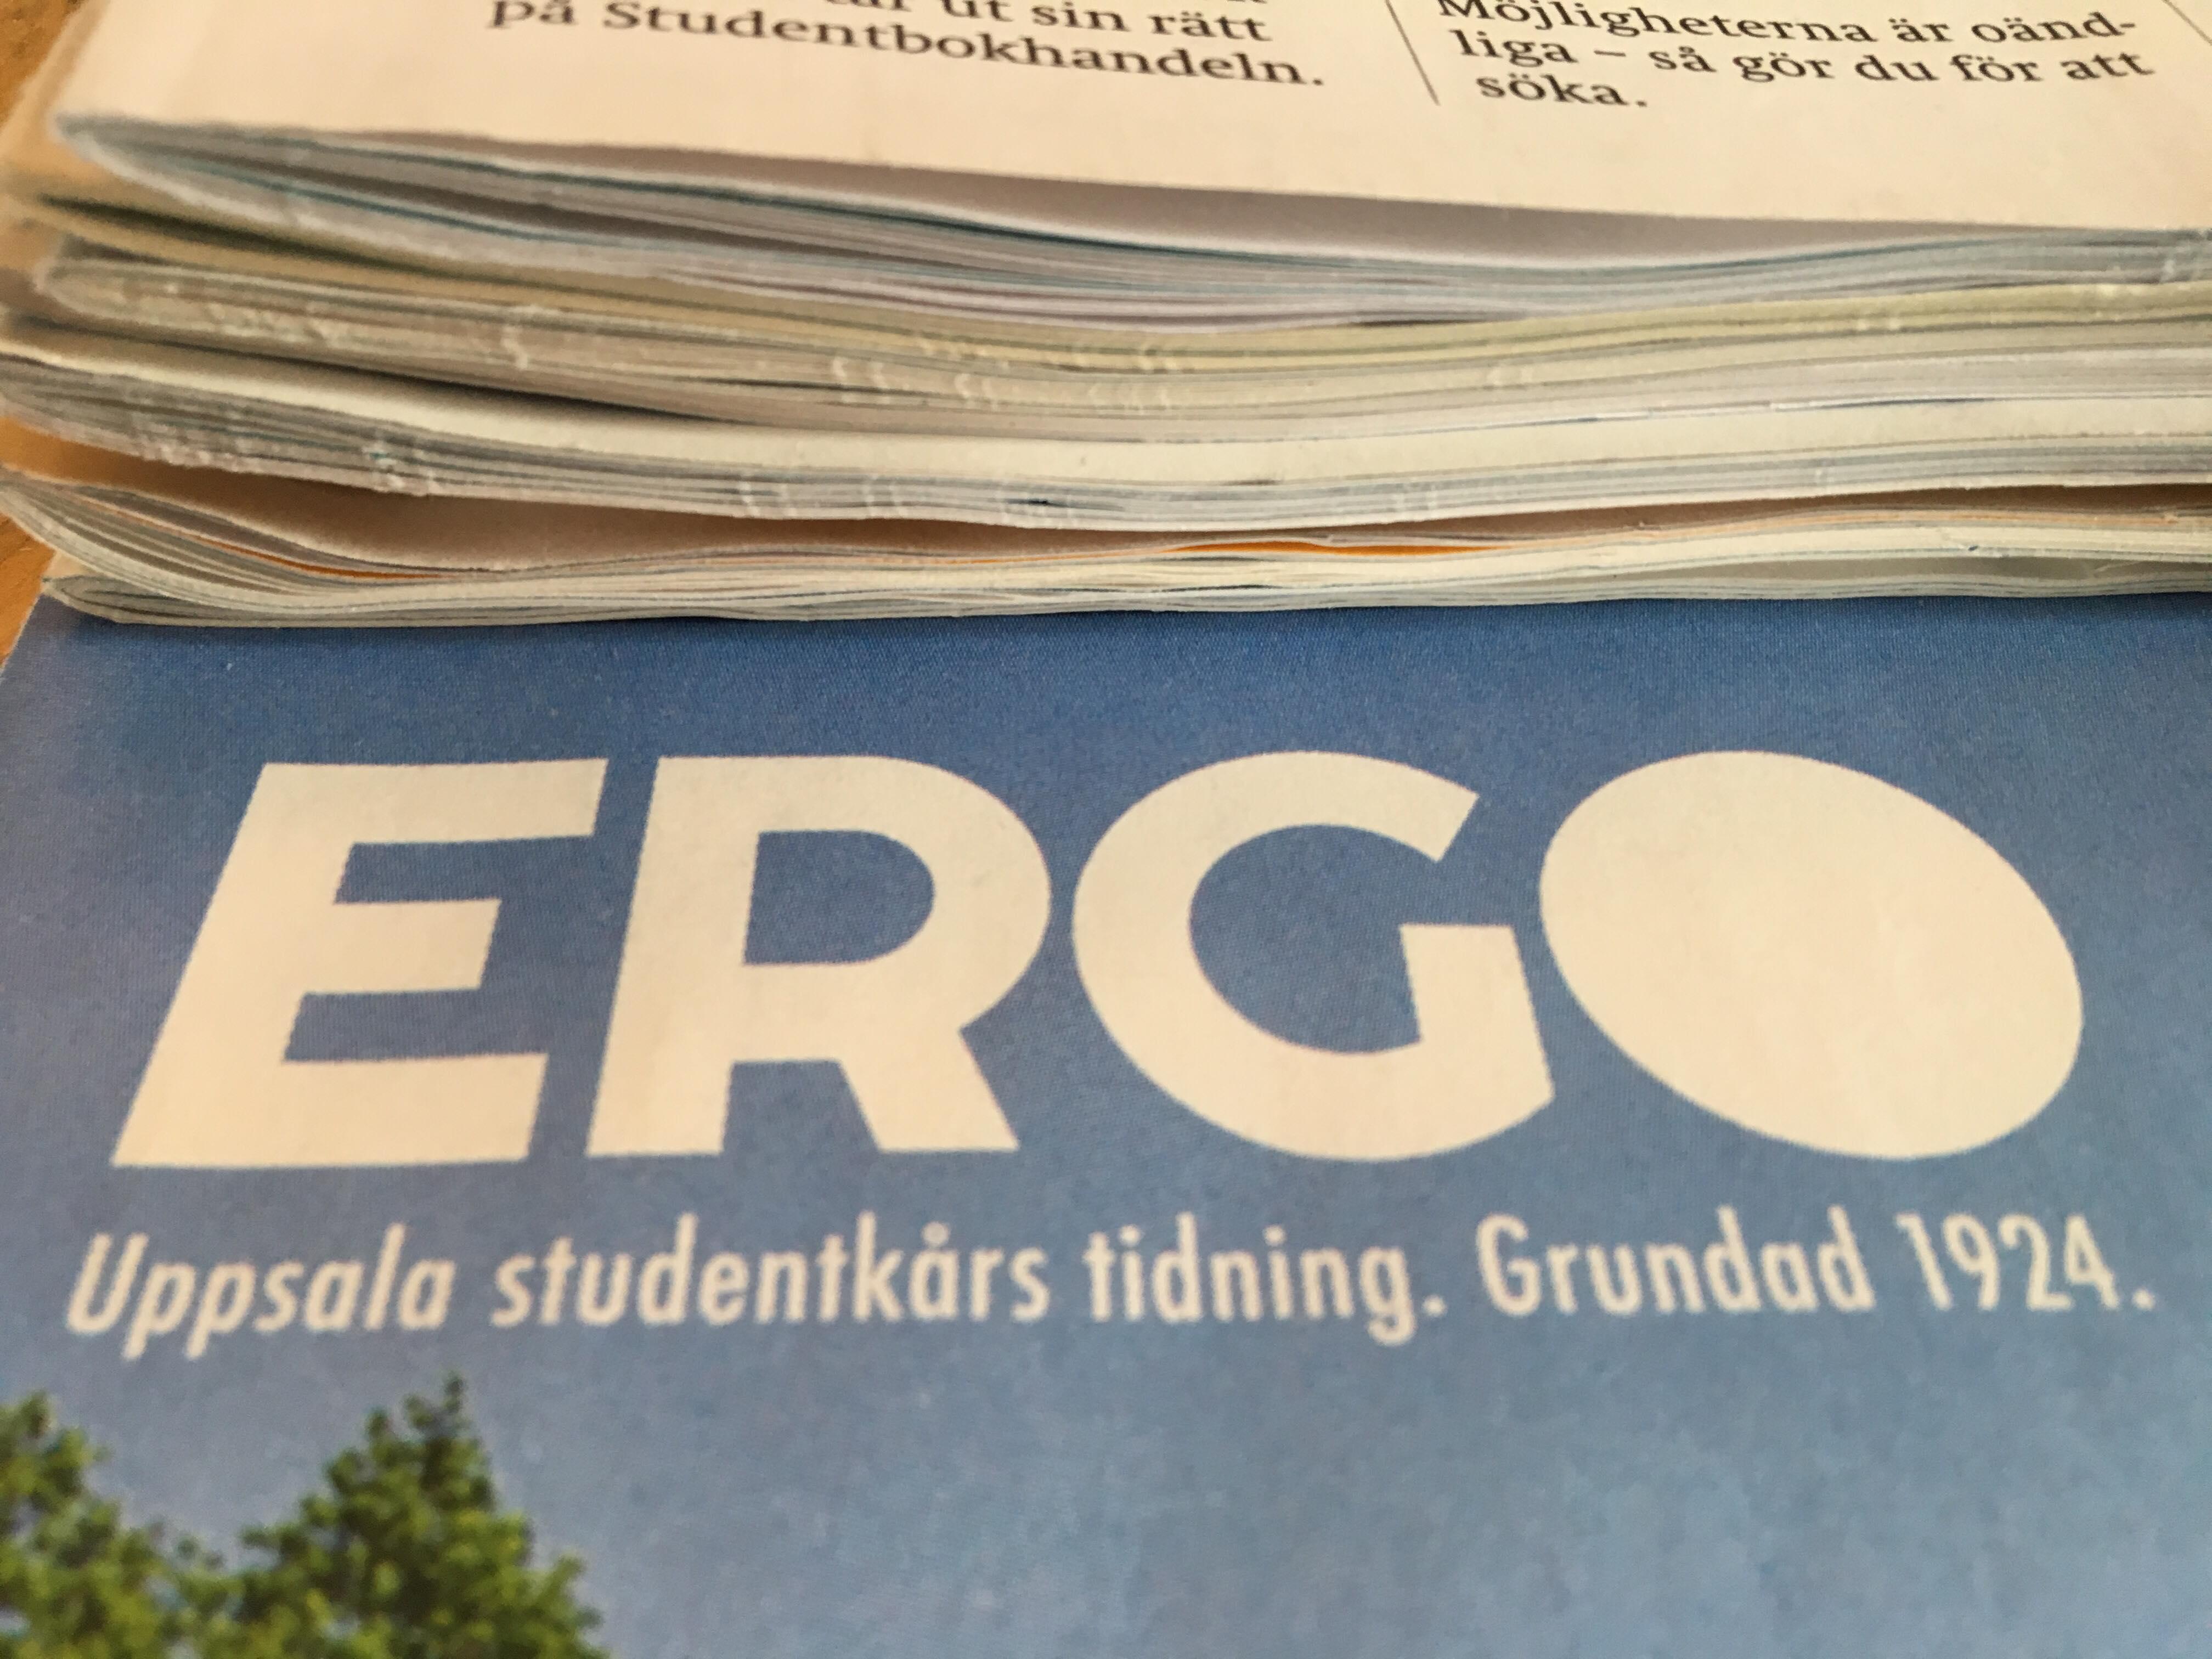 Uppsala Studentkar Gar In Som Ergos Forvaltare Lundagard Se